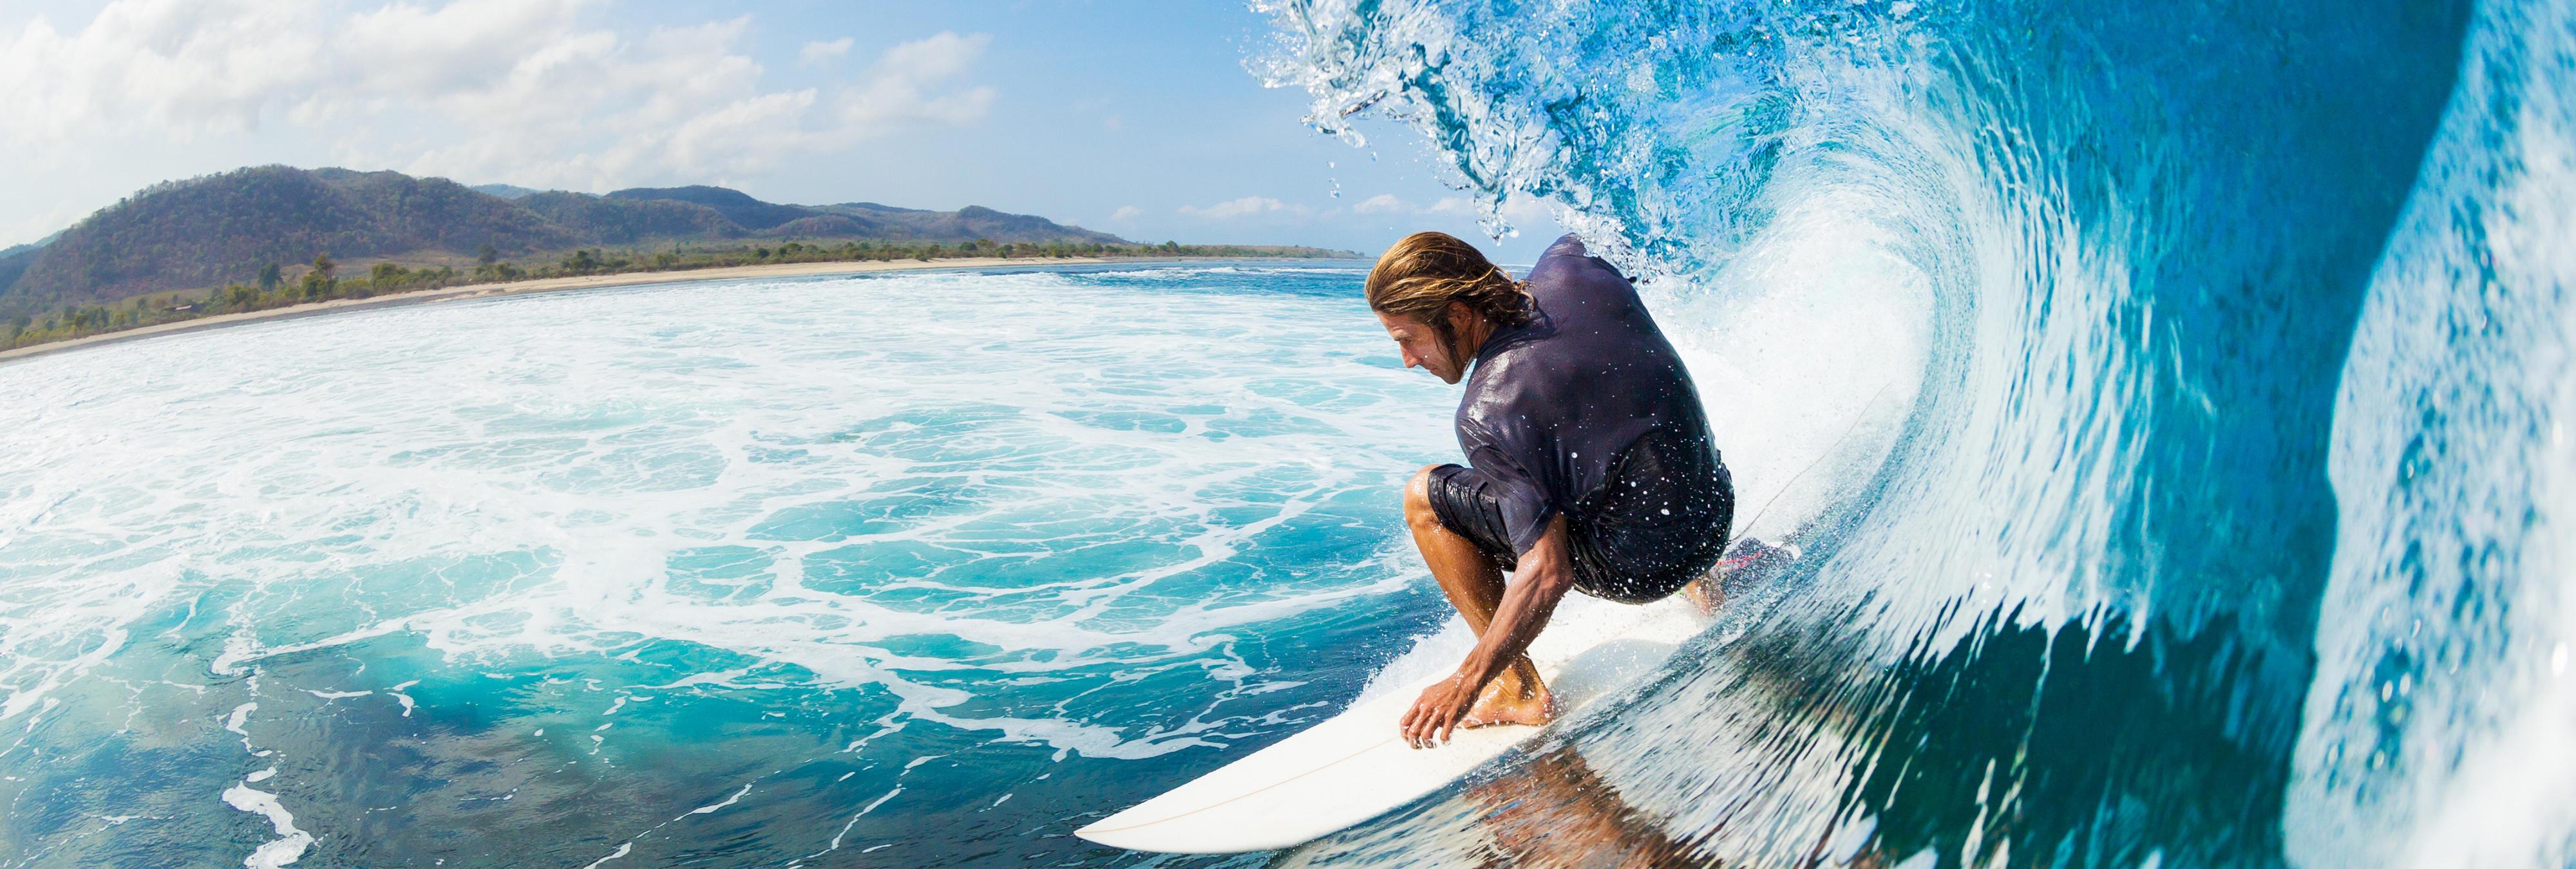 18 cosas que nos gustaría hacer antes de morir